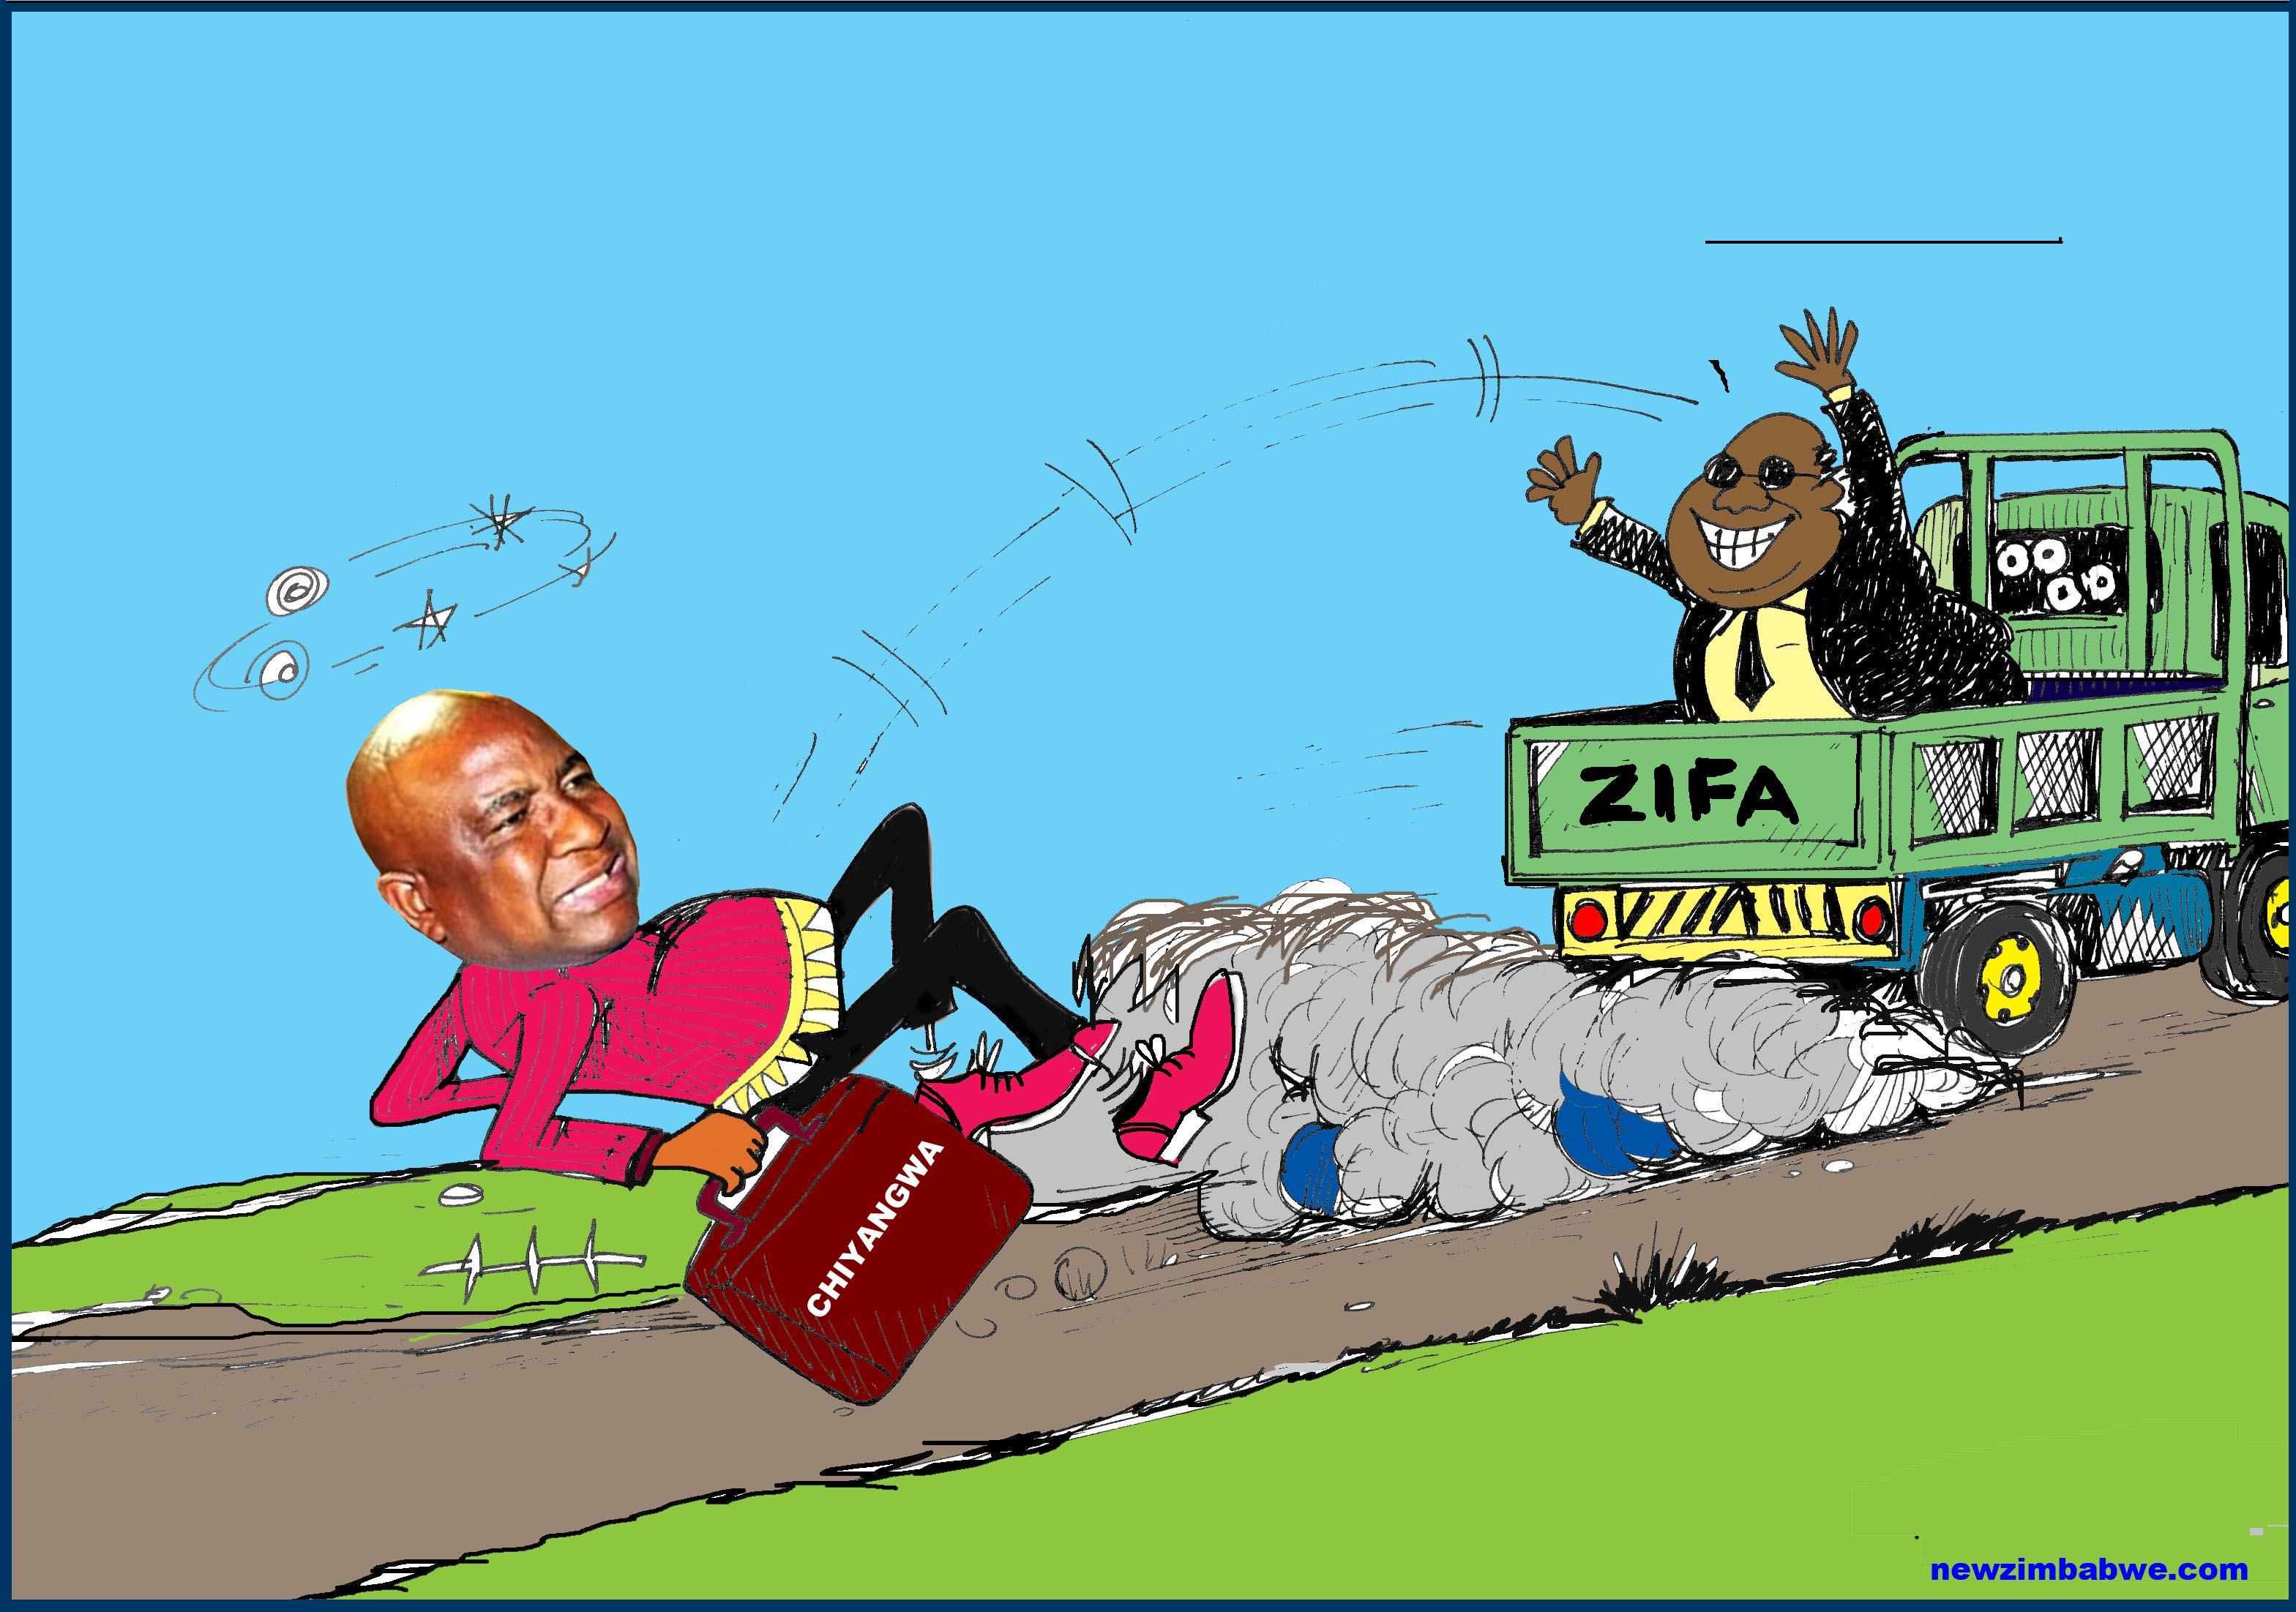 OF CHIYANGWA AND ZIFA